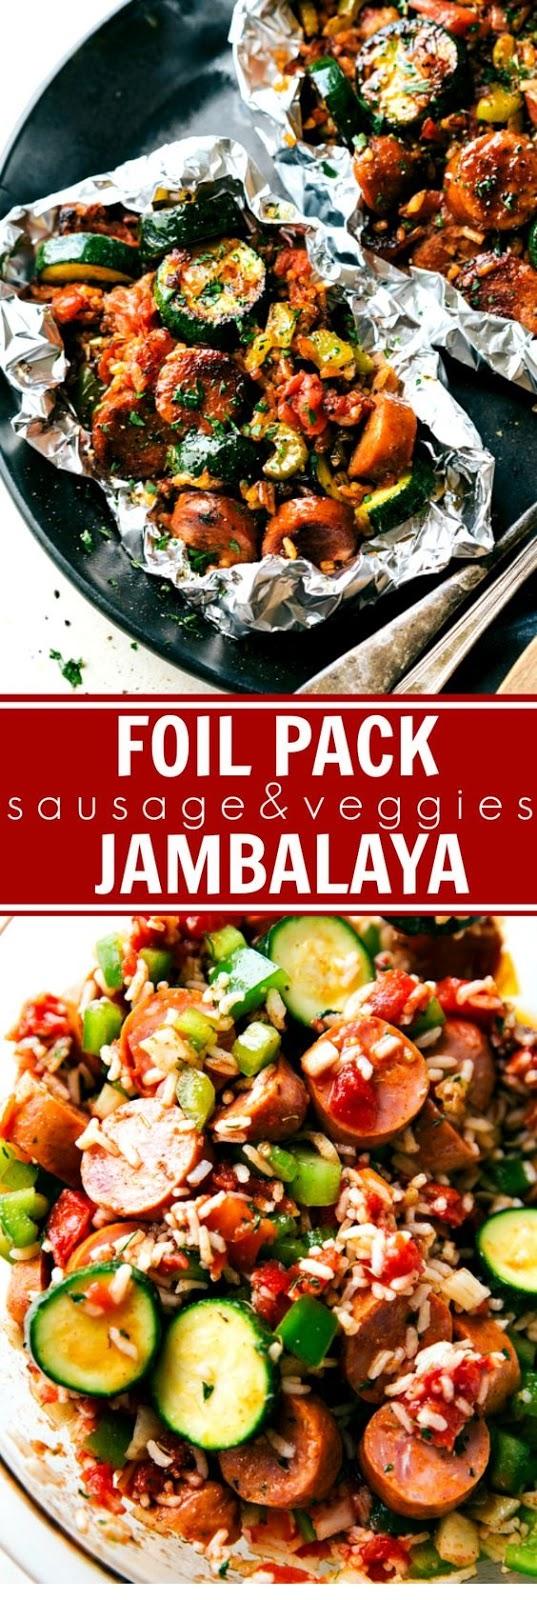 Tin Foil Sausage And Veggies Jambalaya